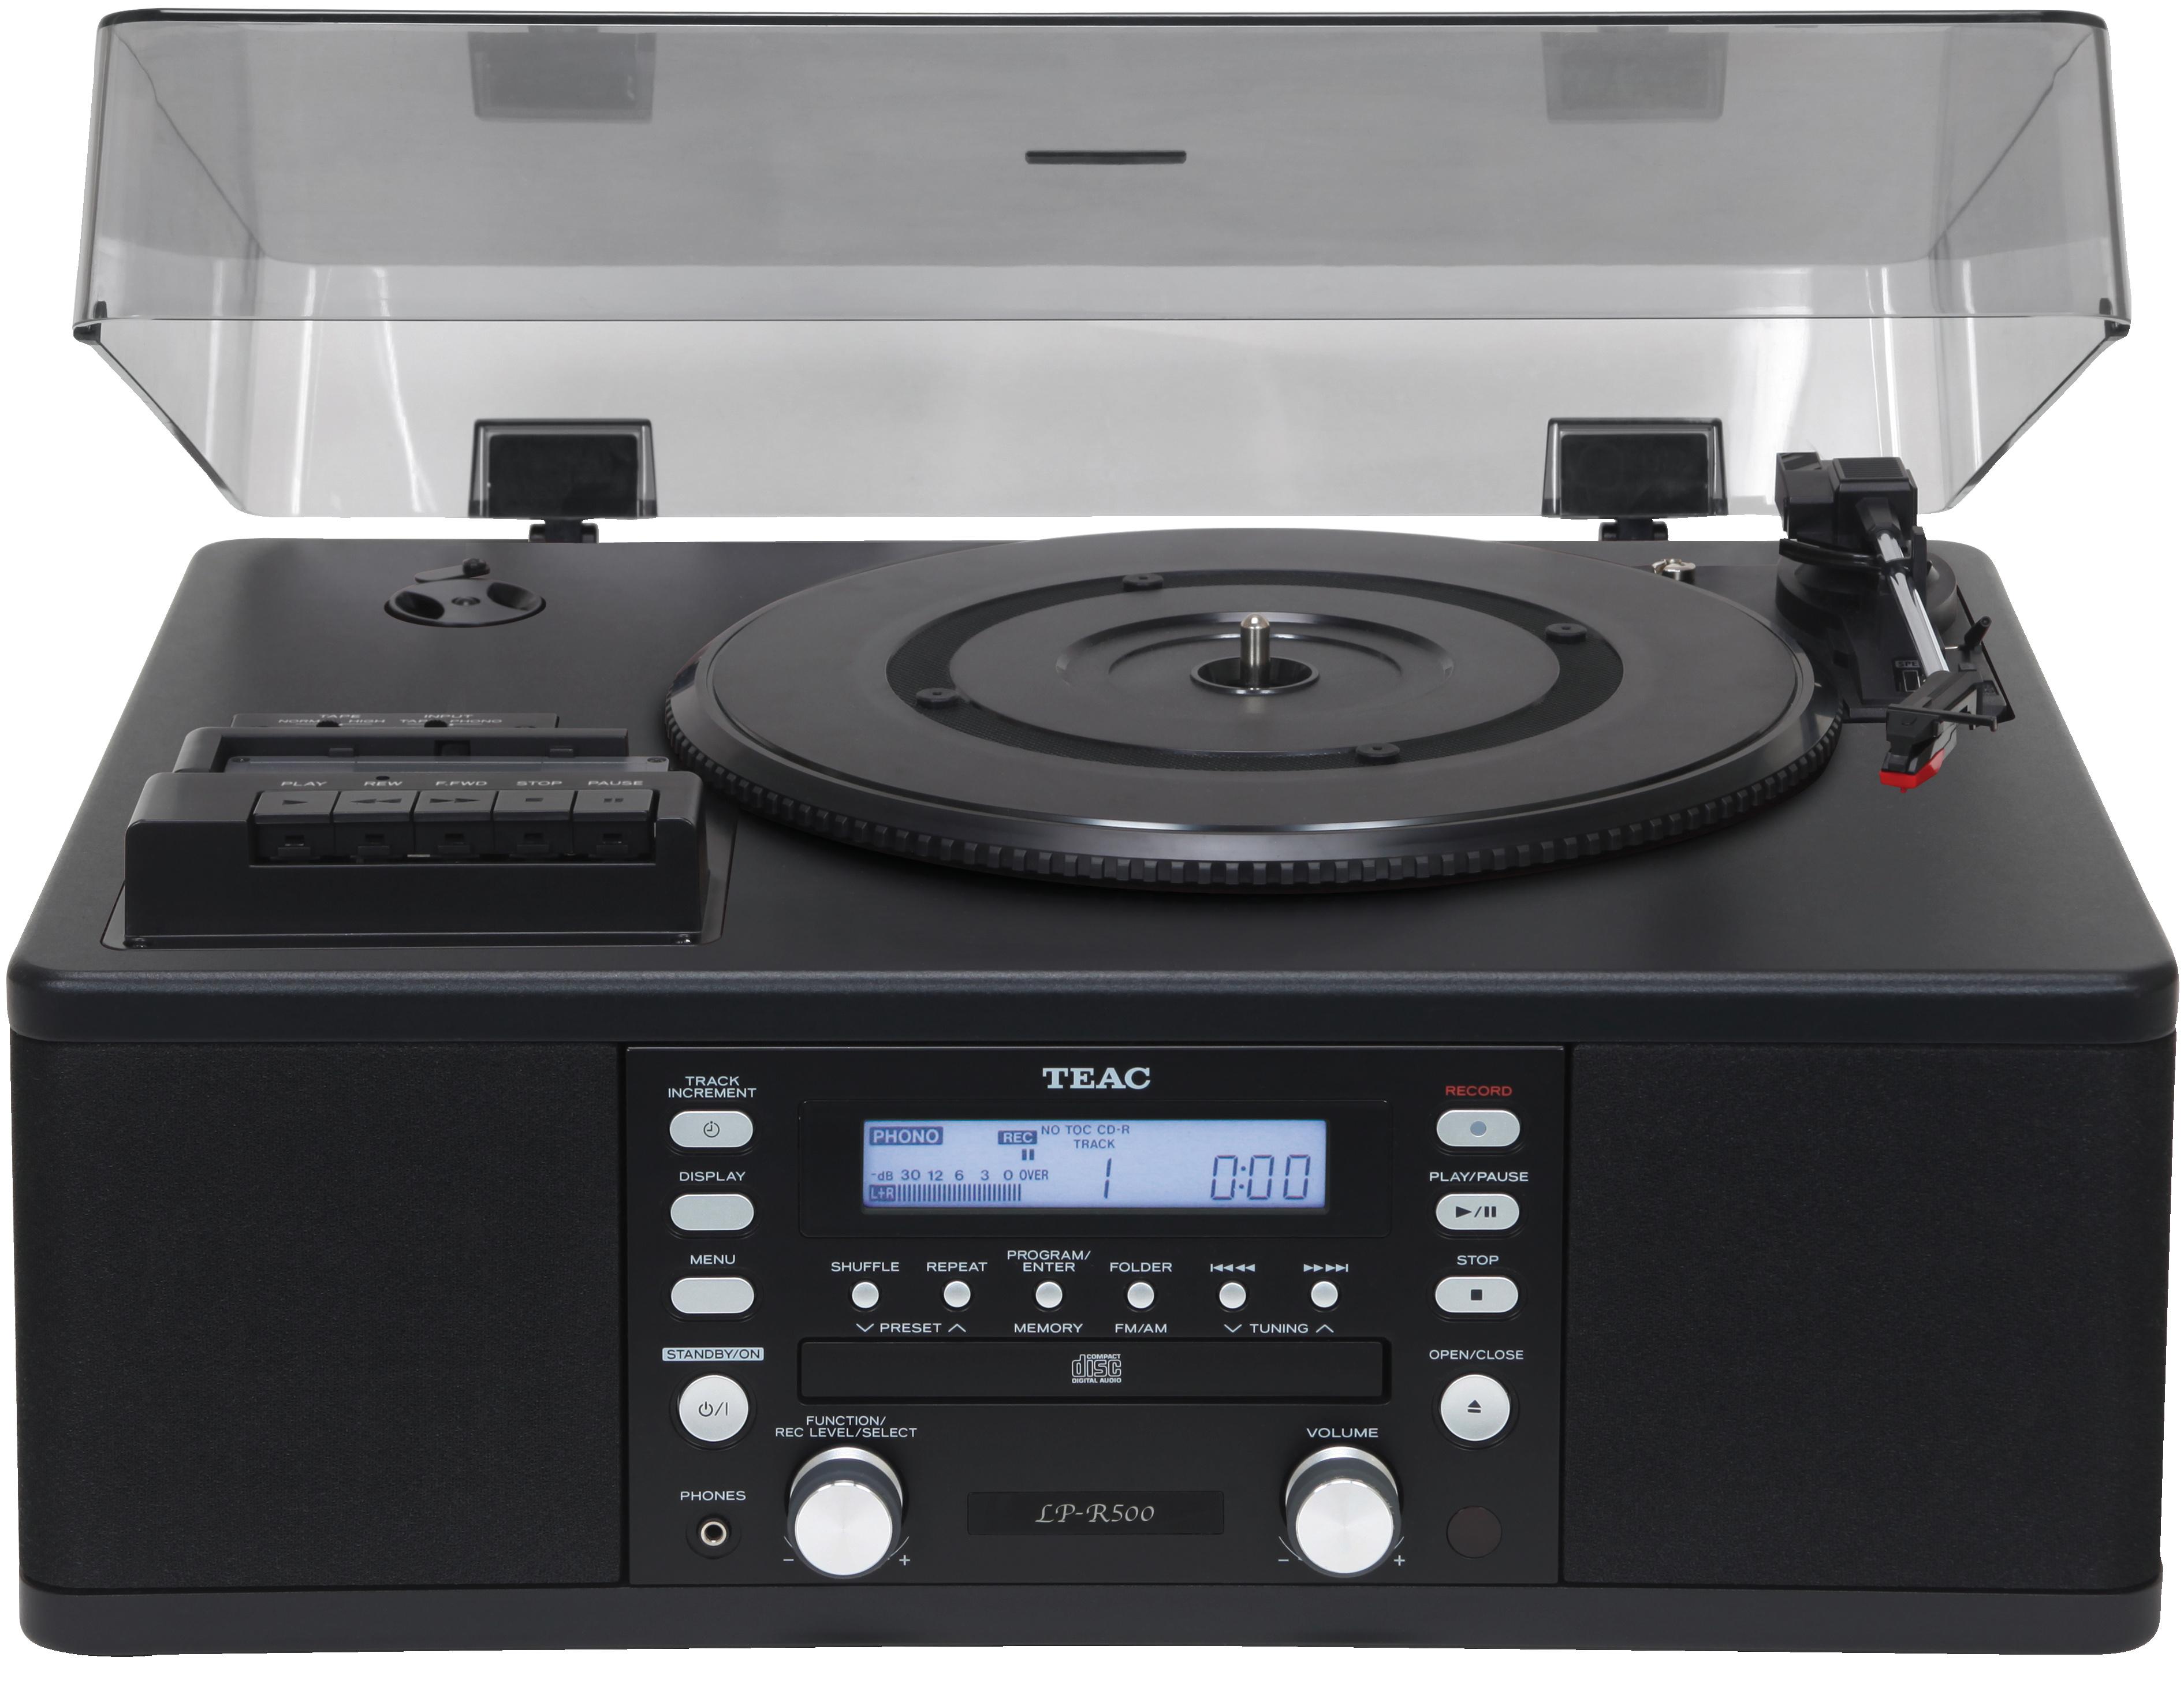 LP-R500A Bl